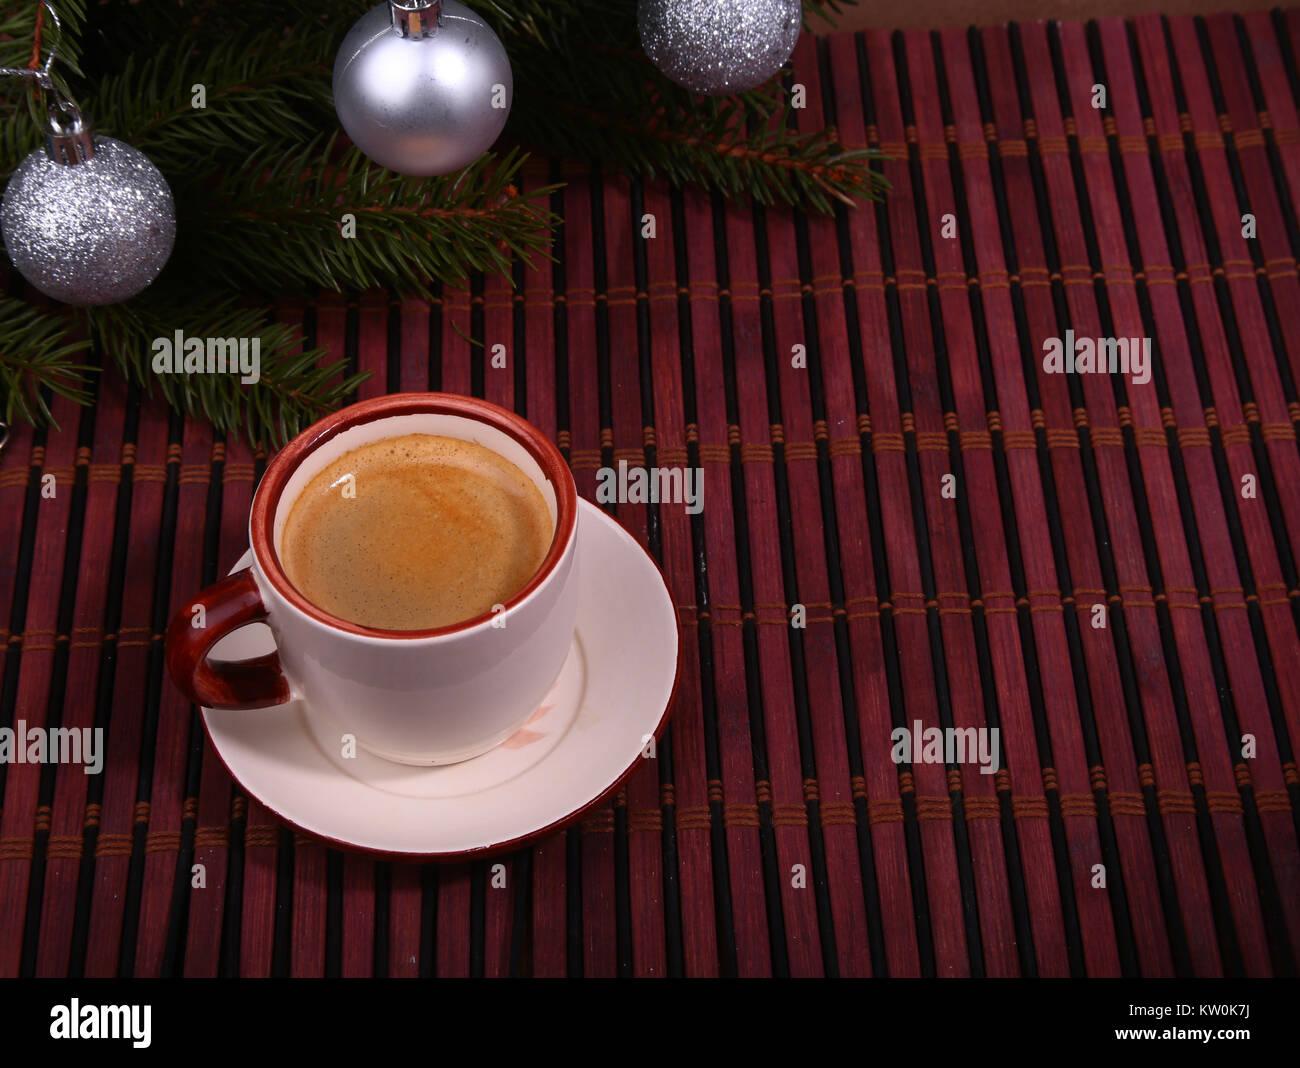 Bonjour Ou Bonne Journée Joyeux Noël Tasse De Café Avec Des